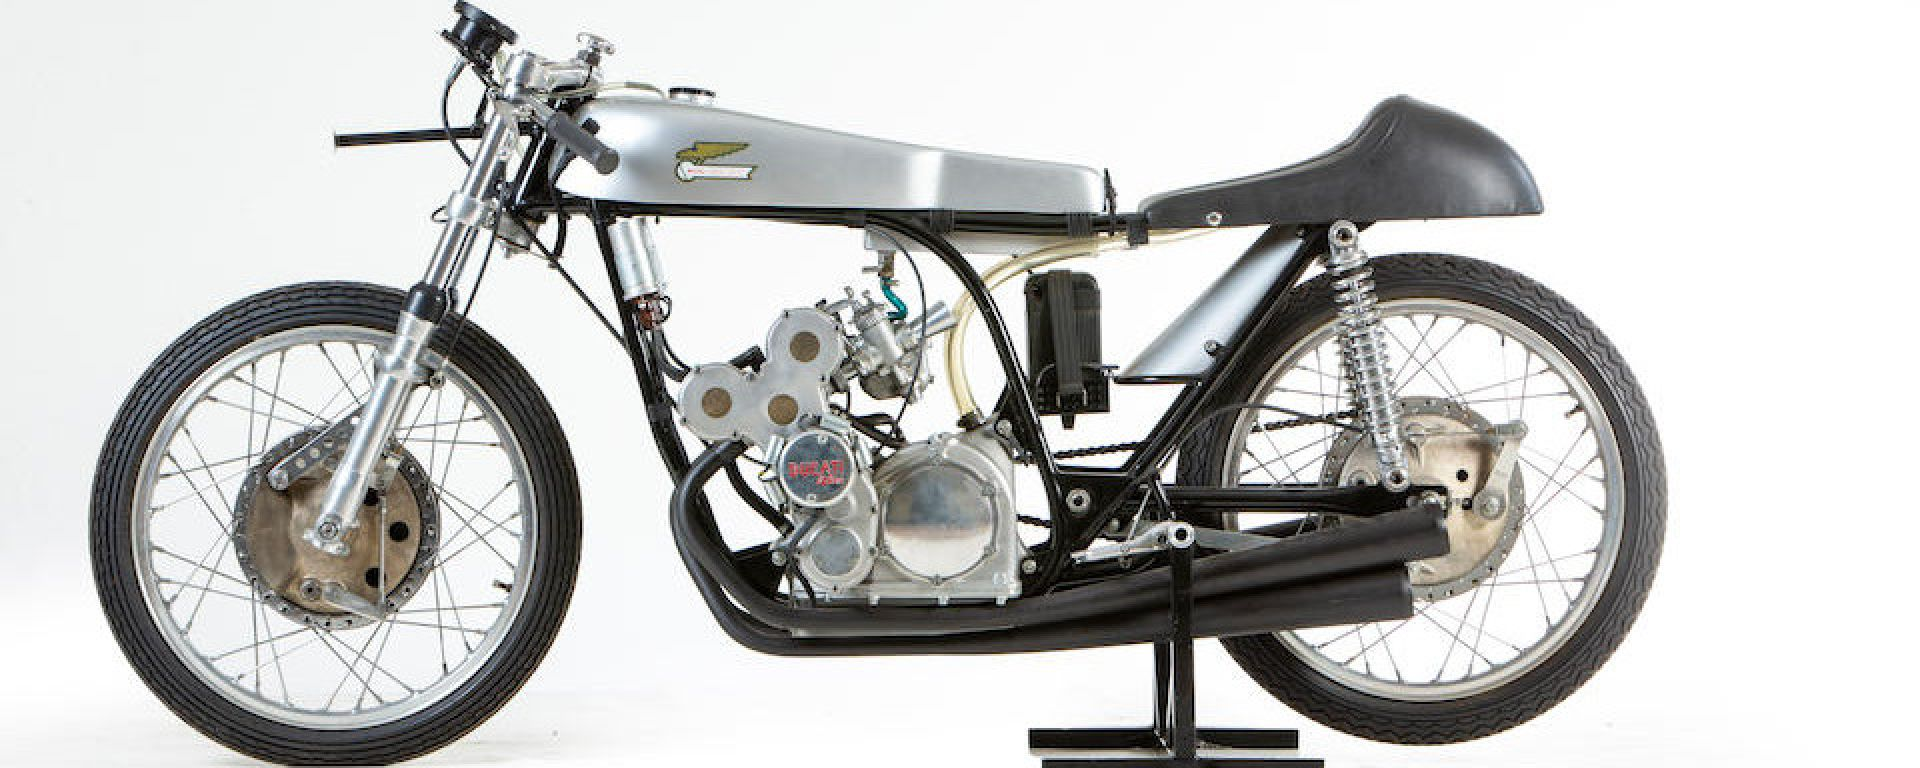 Ducati 125cc del 1965: vista laterale destra